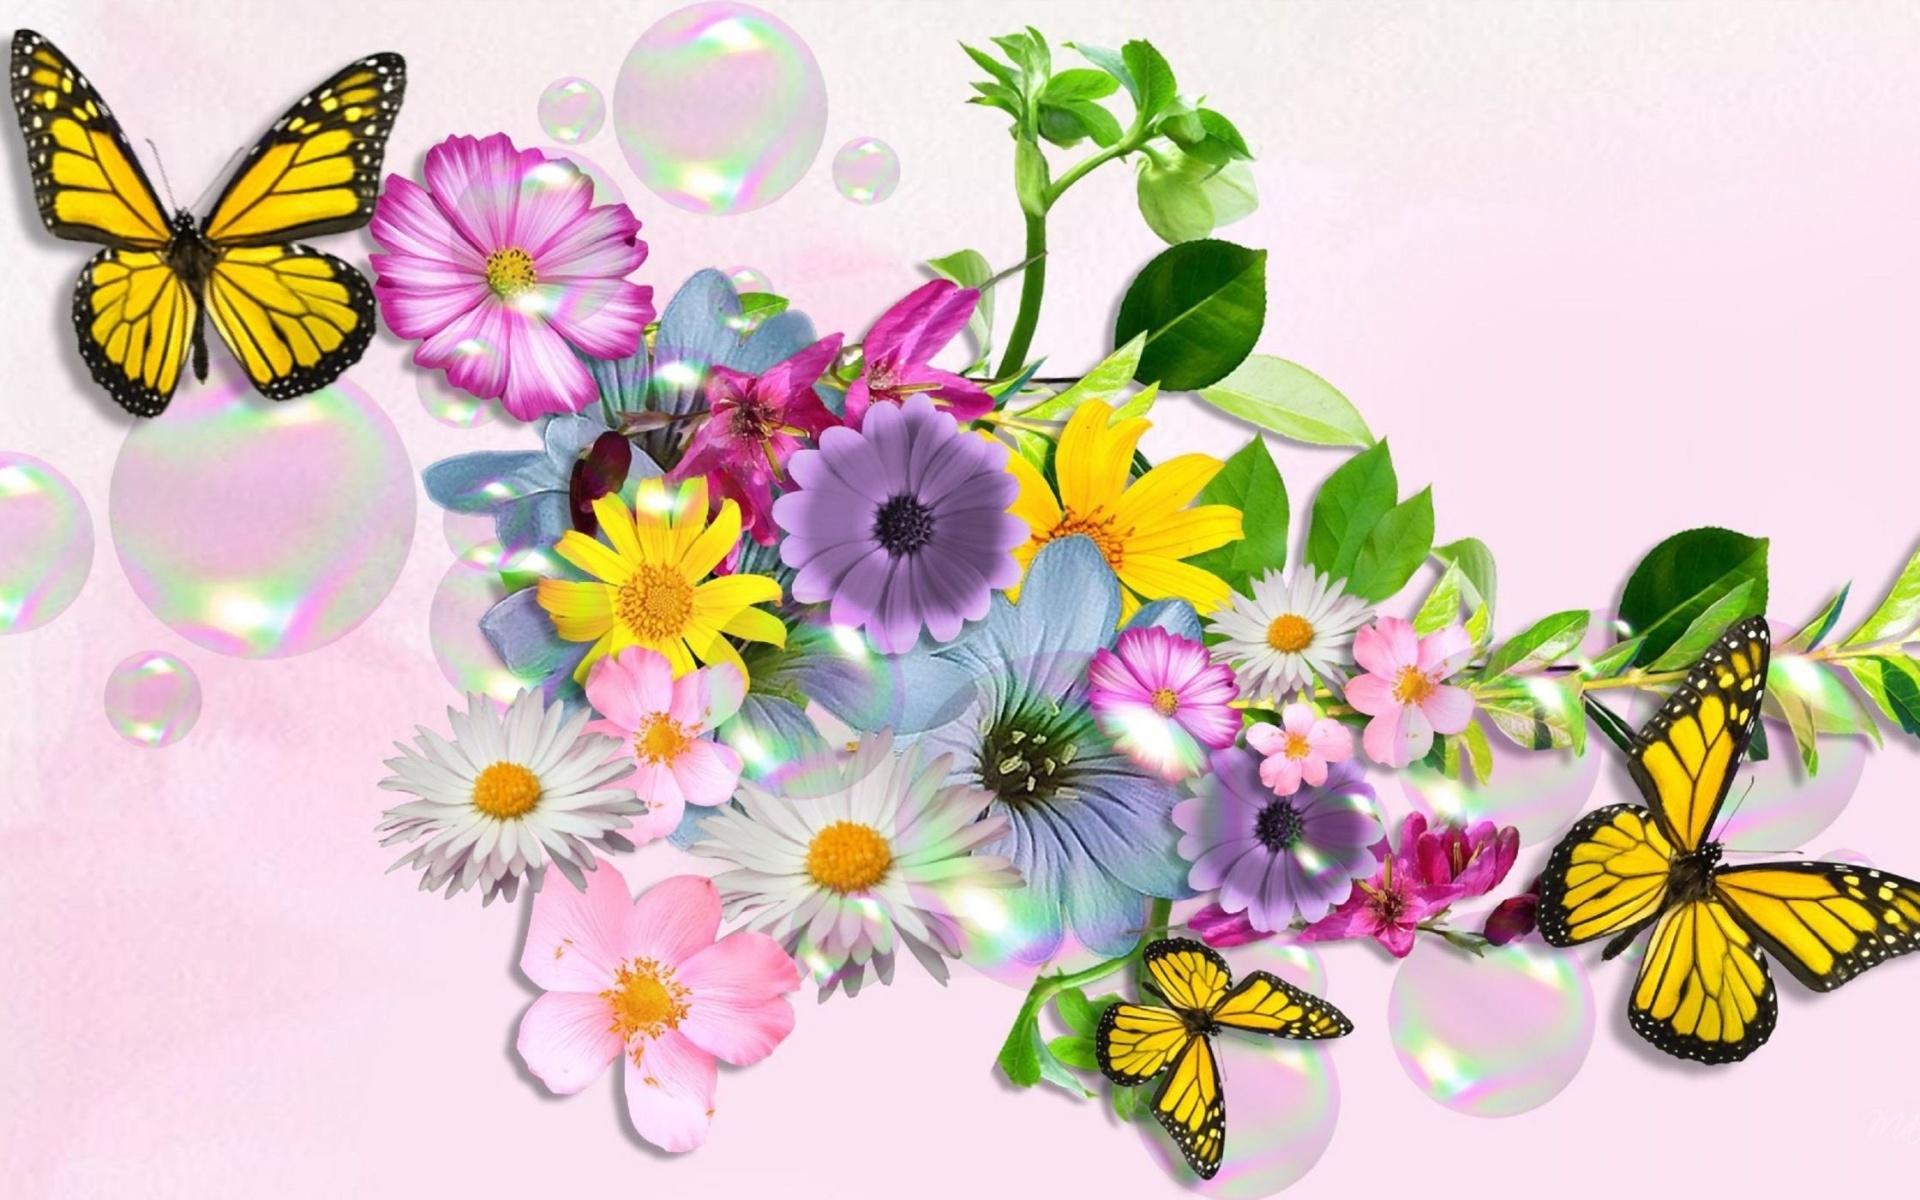 Днем, цветы и бабочки открытки